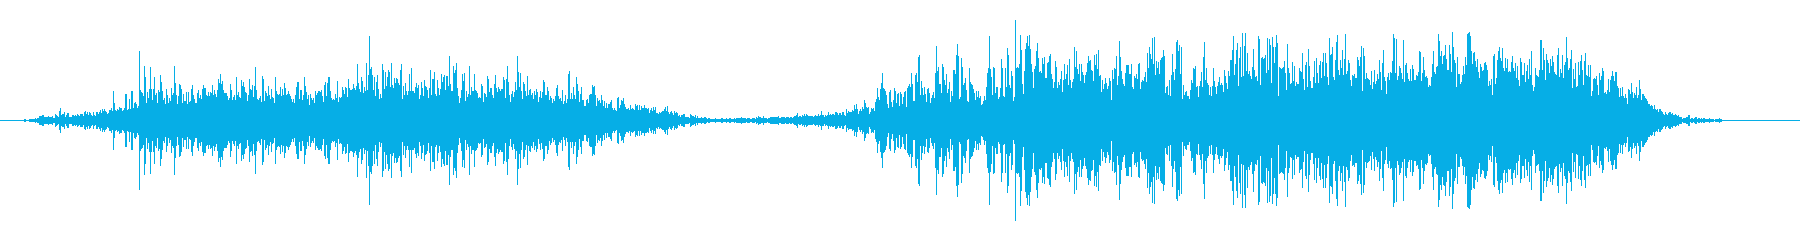 ドドドドドゴゴゴゴゴ(土系の音)の再生済みの波形